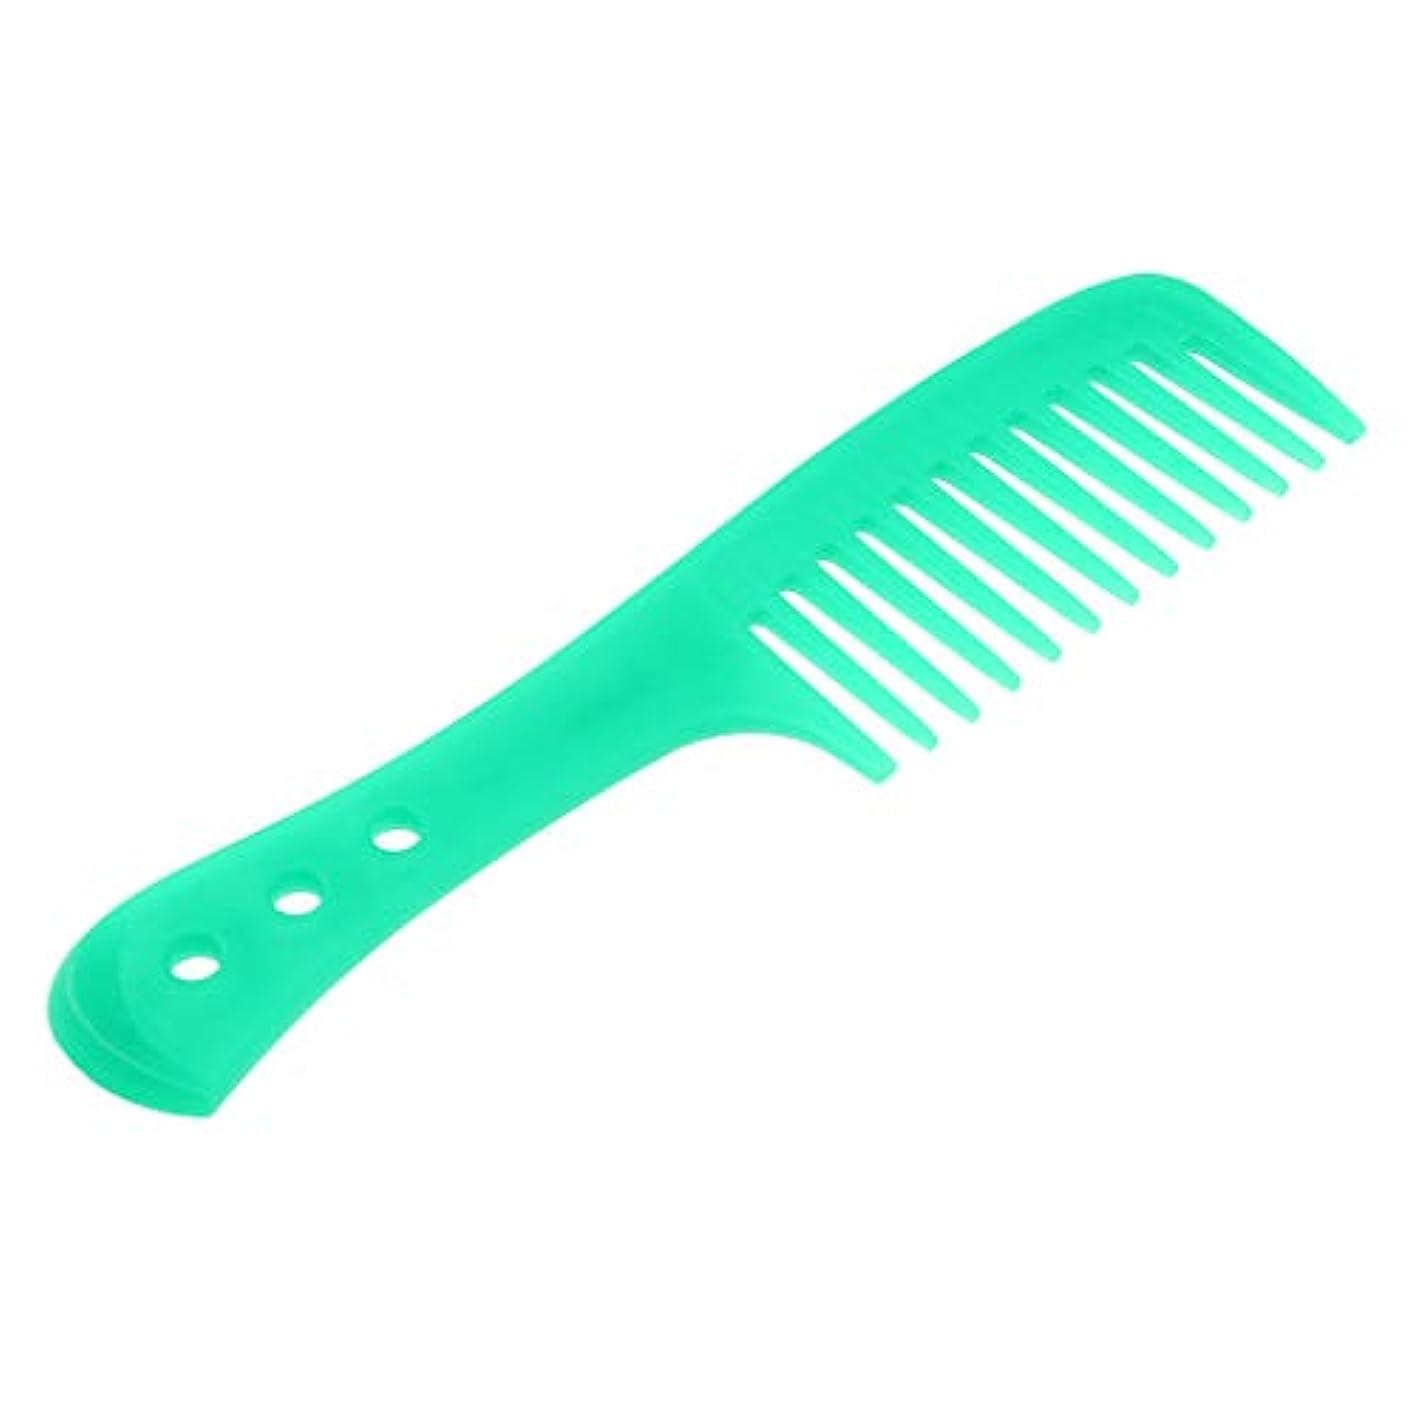 パーティー始まり提供Injoyo 携帯用理髪の広い歯の櫛の巻き毛のDetanglerの頭皮のマッサージャーのブラシ - 緑